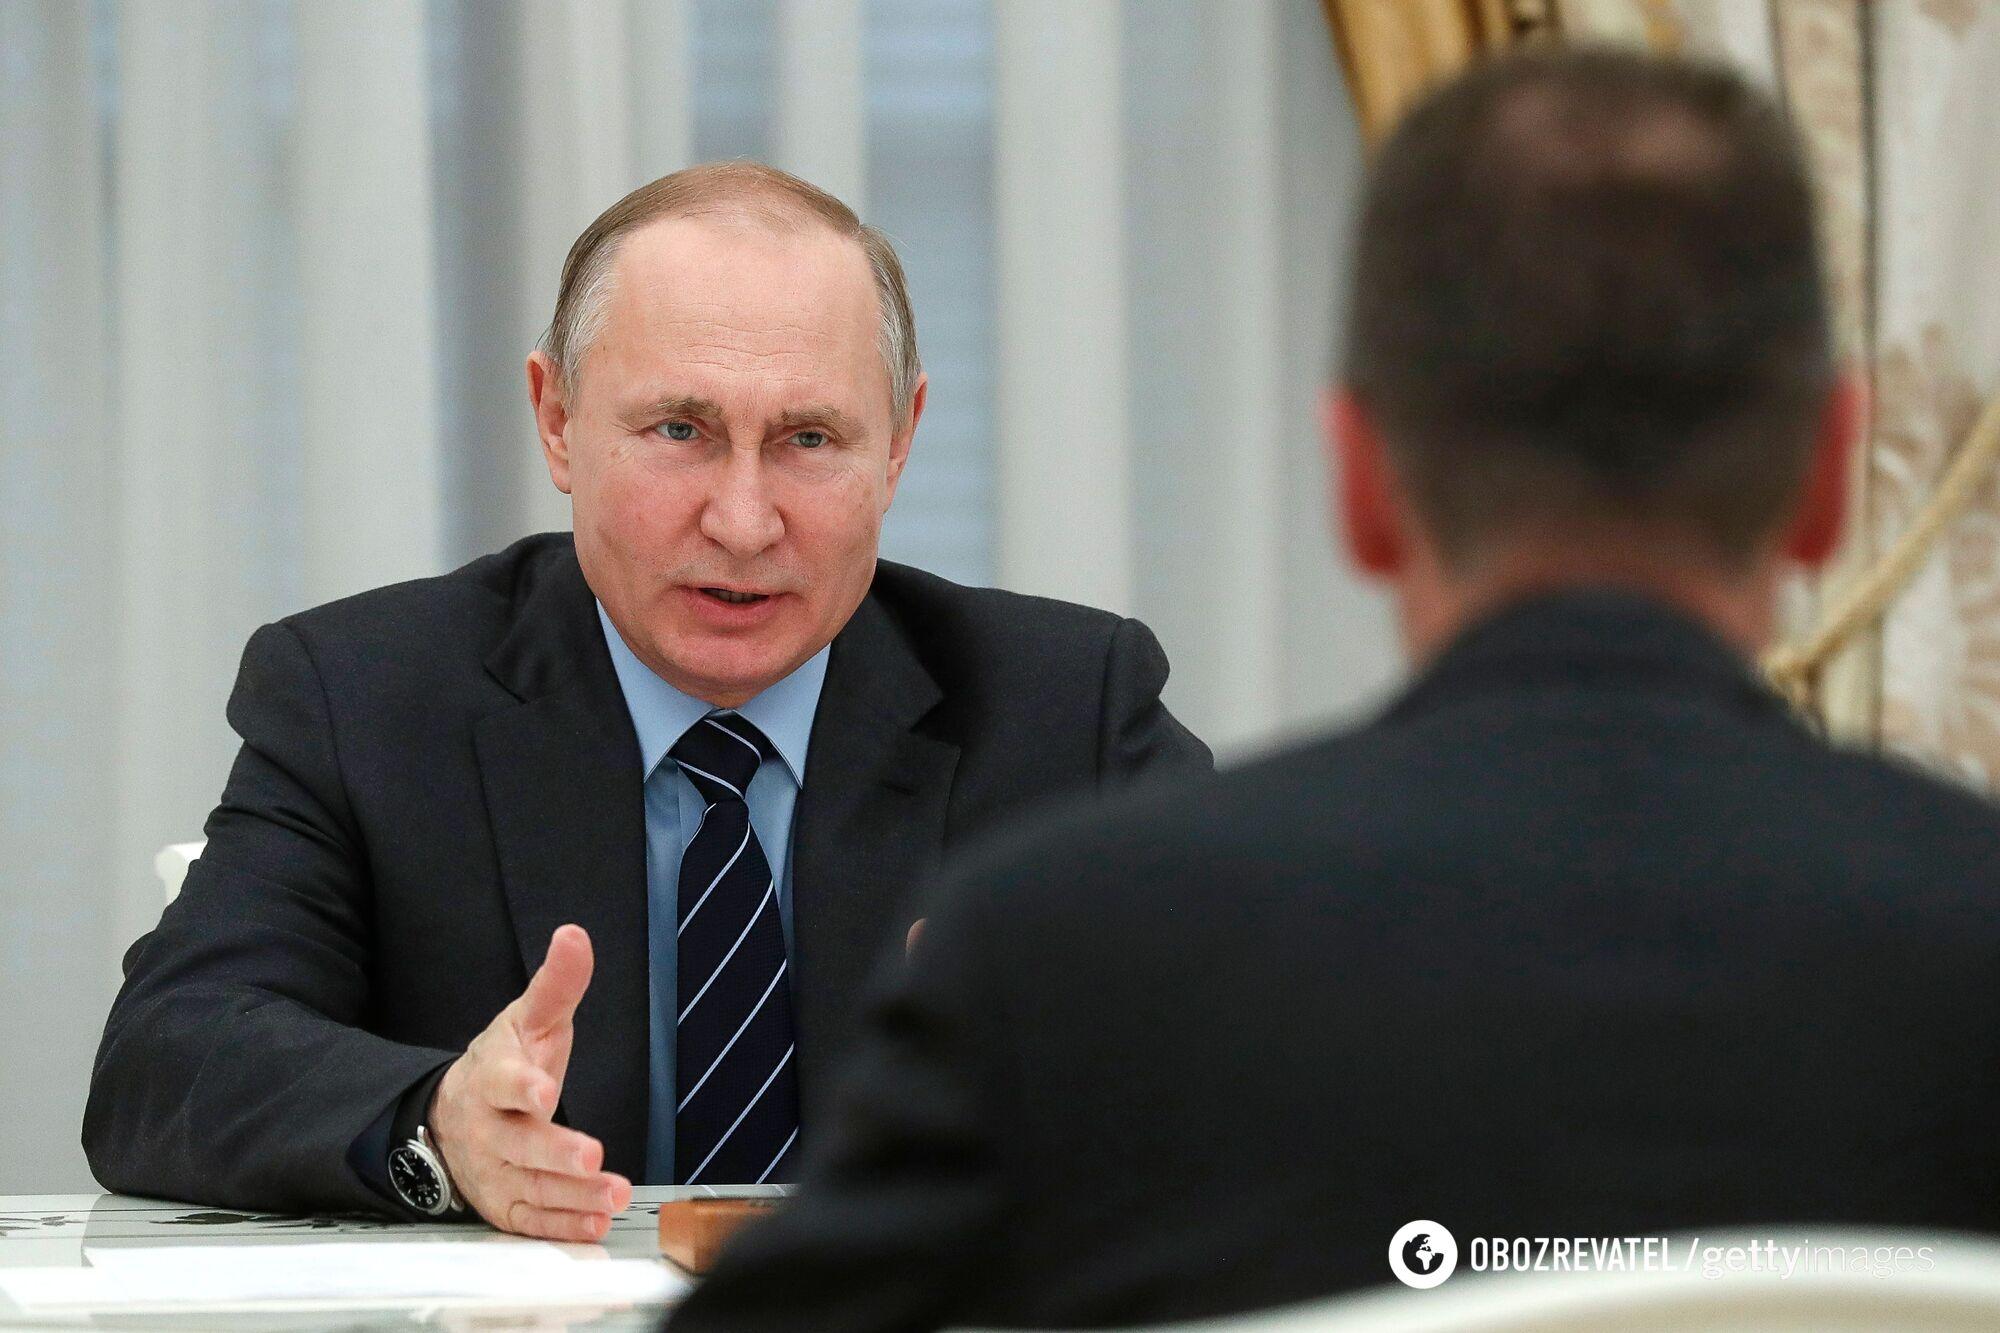 Двостороння зустріч із Путіним абсурдна.